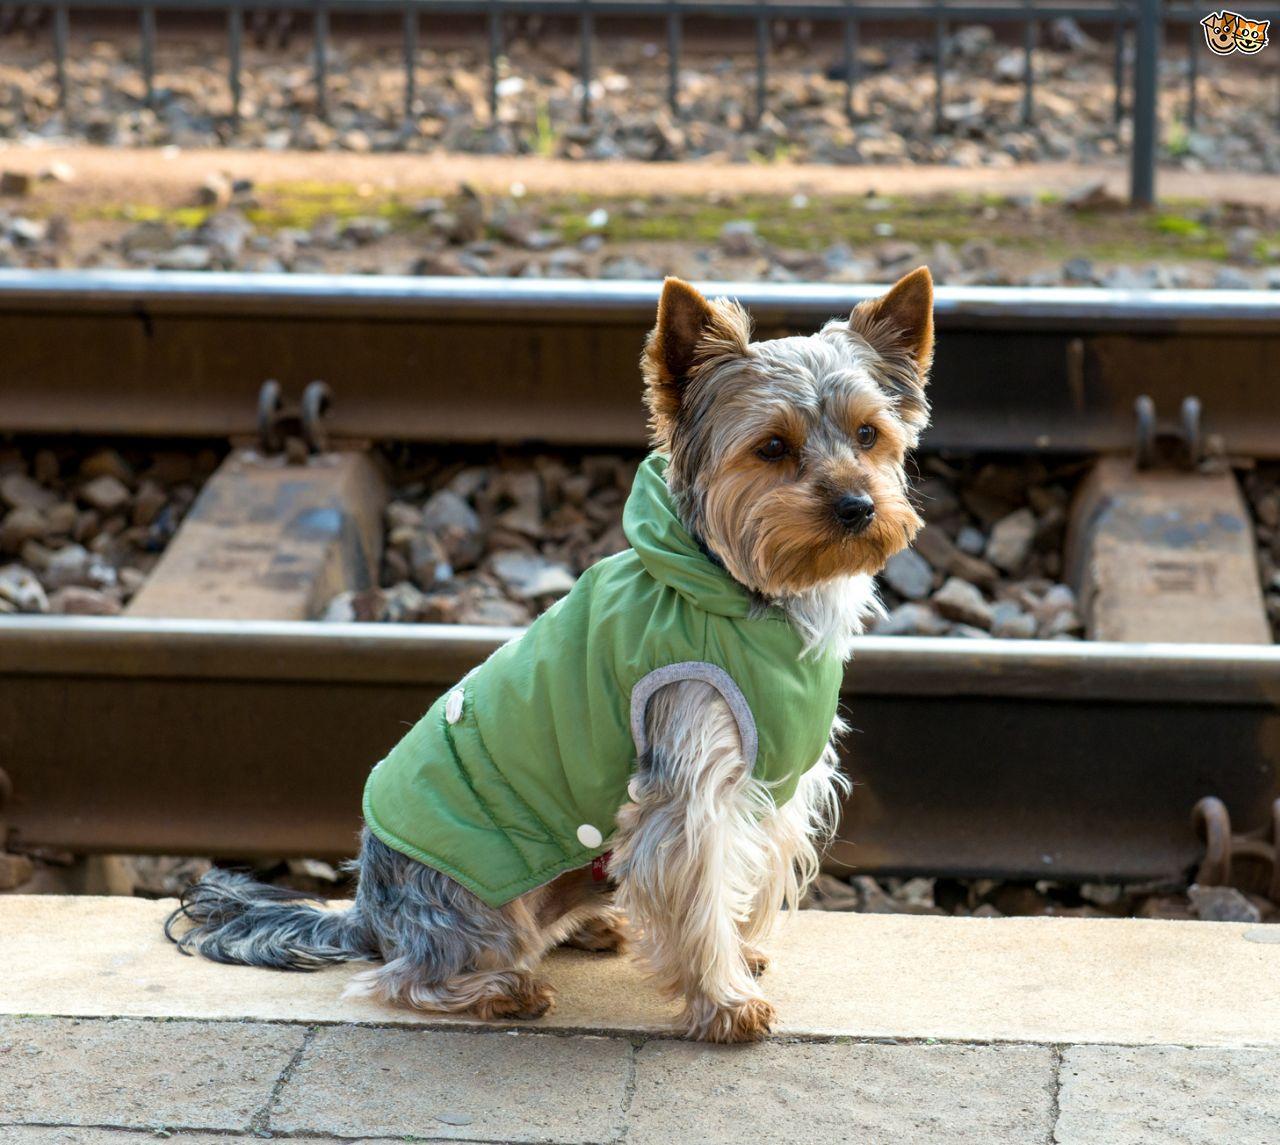 Turista spagnolo finisce sotto un treno per salvare il suo cane. Morti entrambi